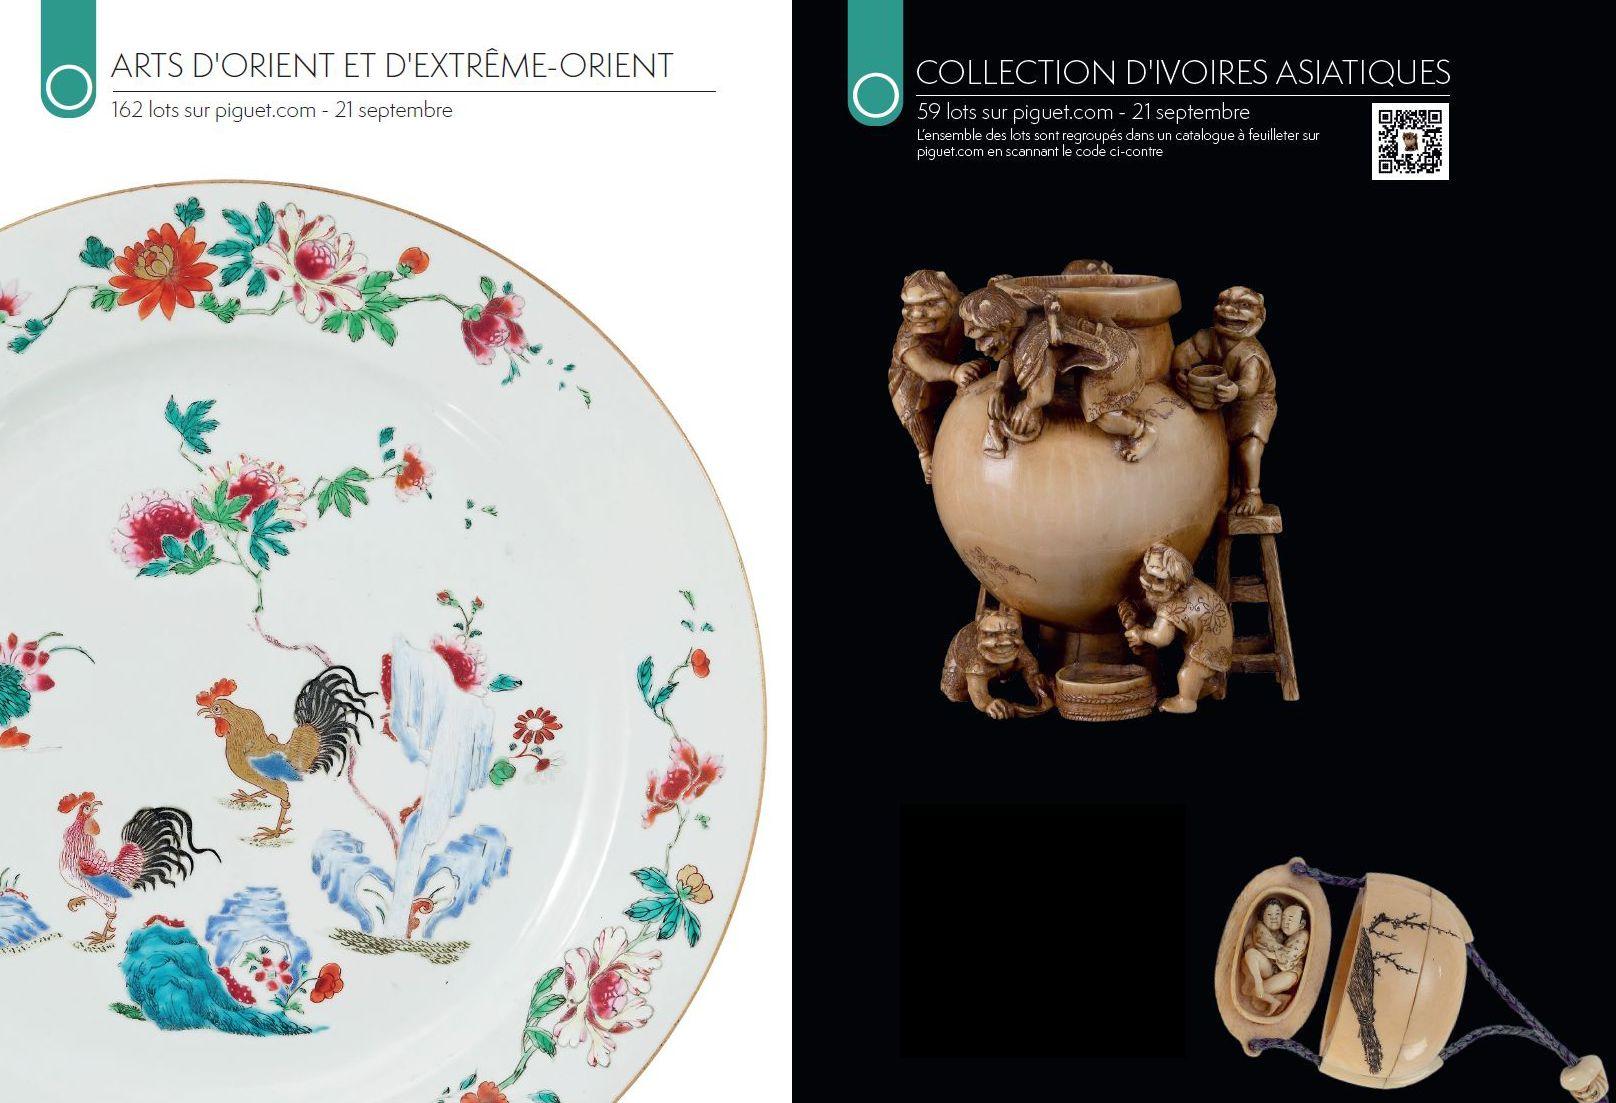 Vente VENTE ONLINE - Arts d'Orient et d'Extrême-Orient, Ivoires asiatiques chez Piguet Hôtel des Ventes : 163 lots